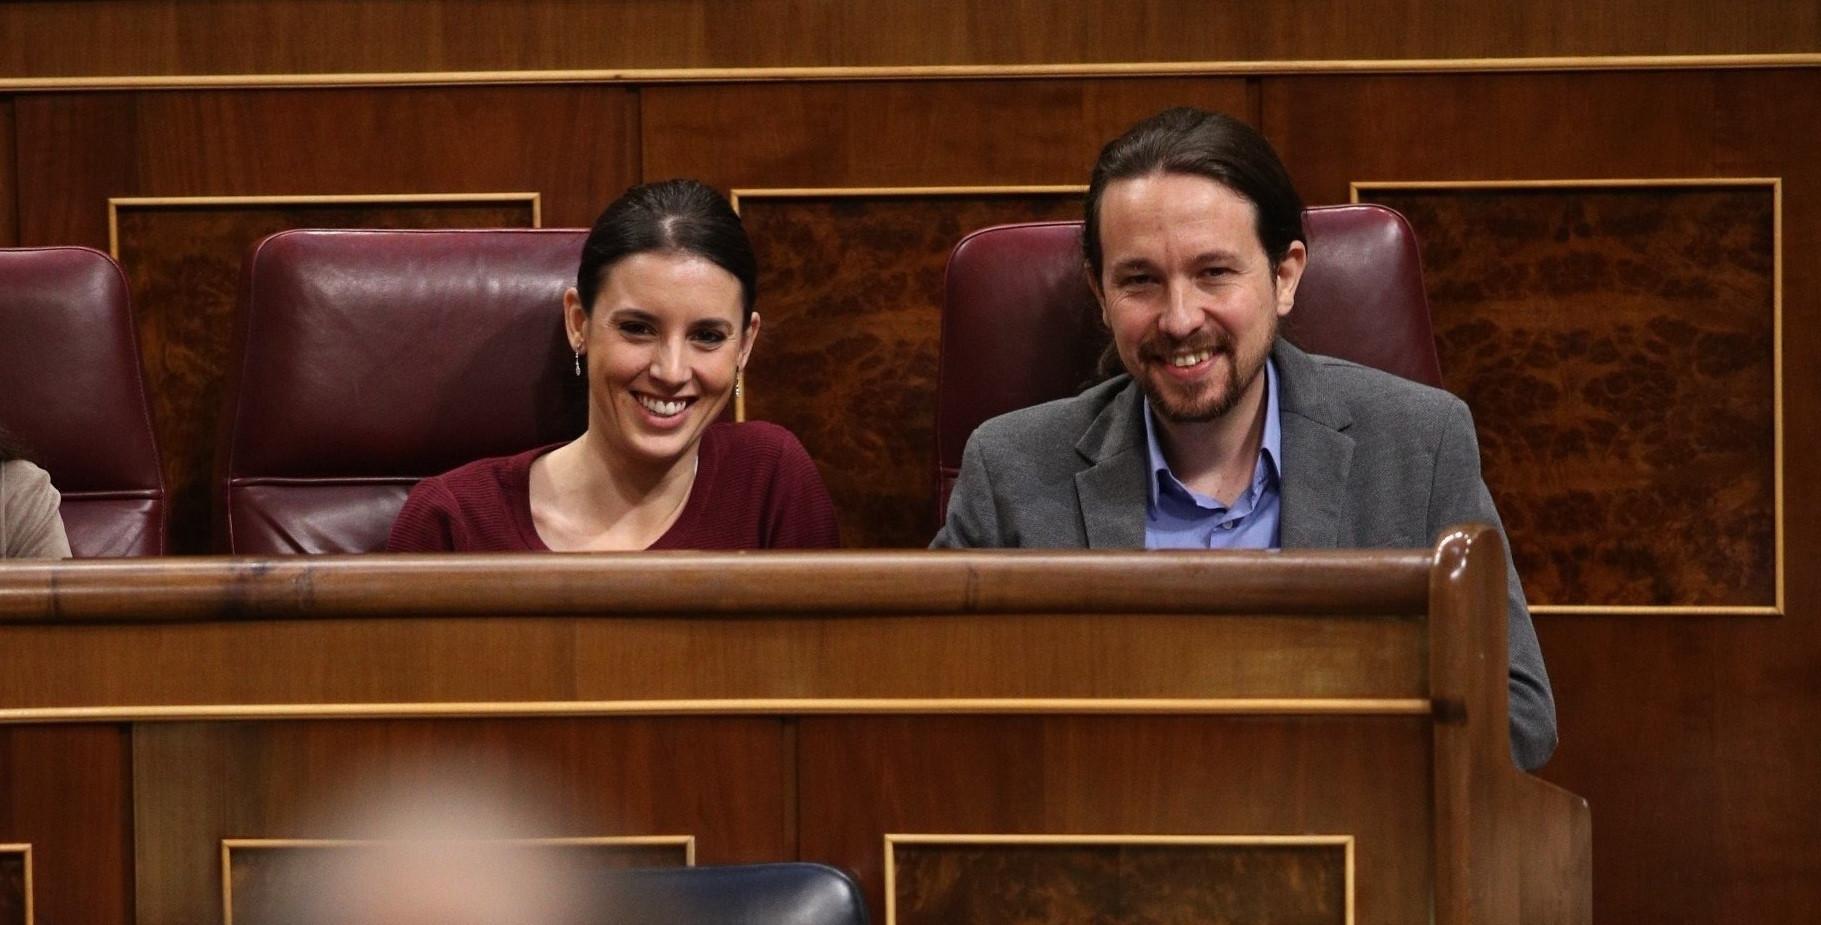 IreneMonteroyPabloIglesias